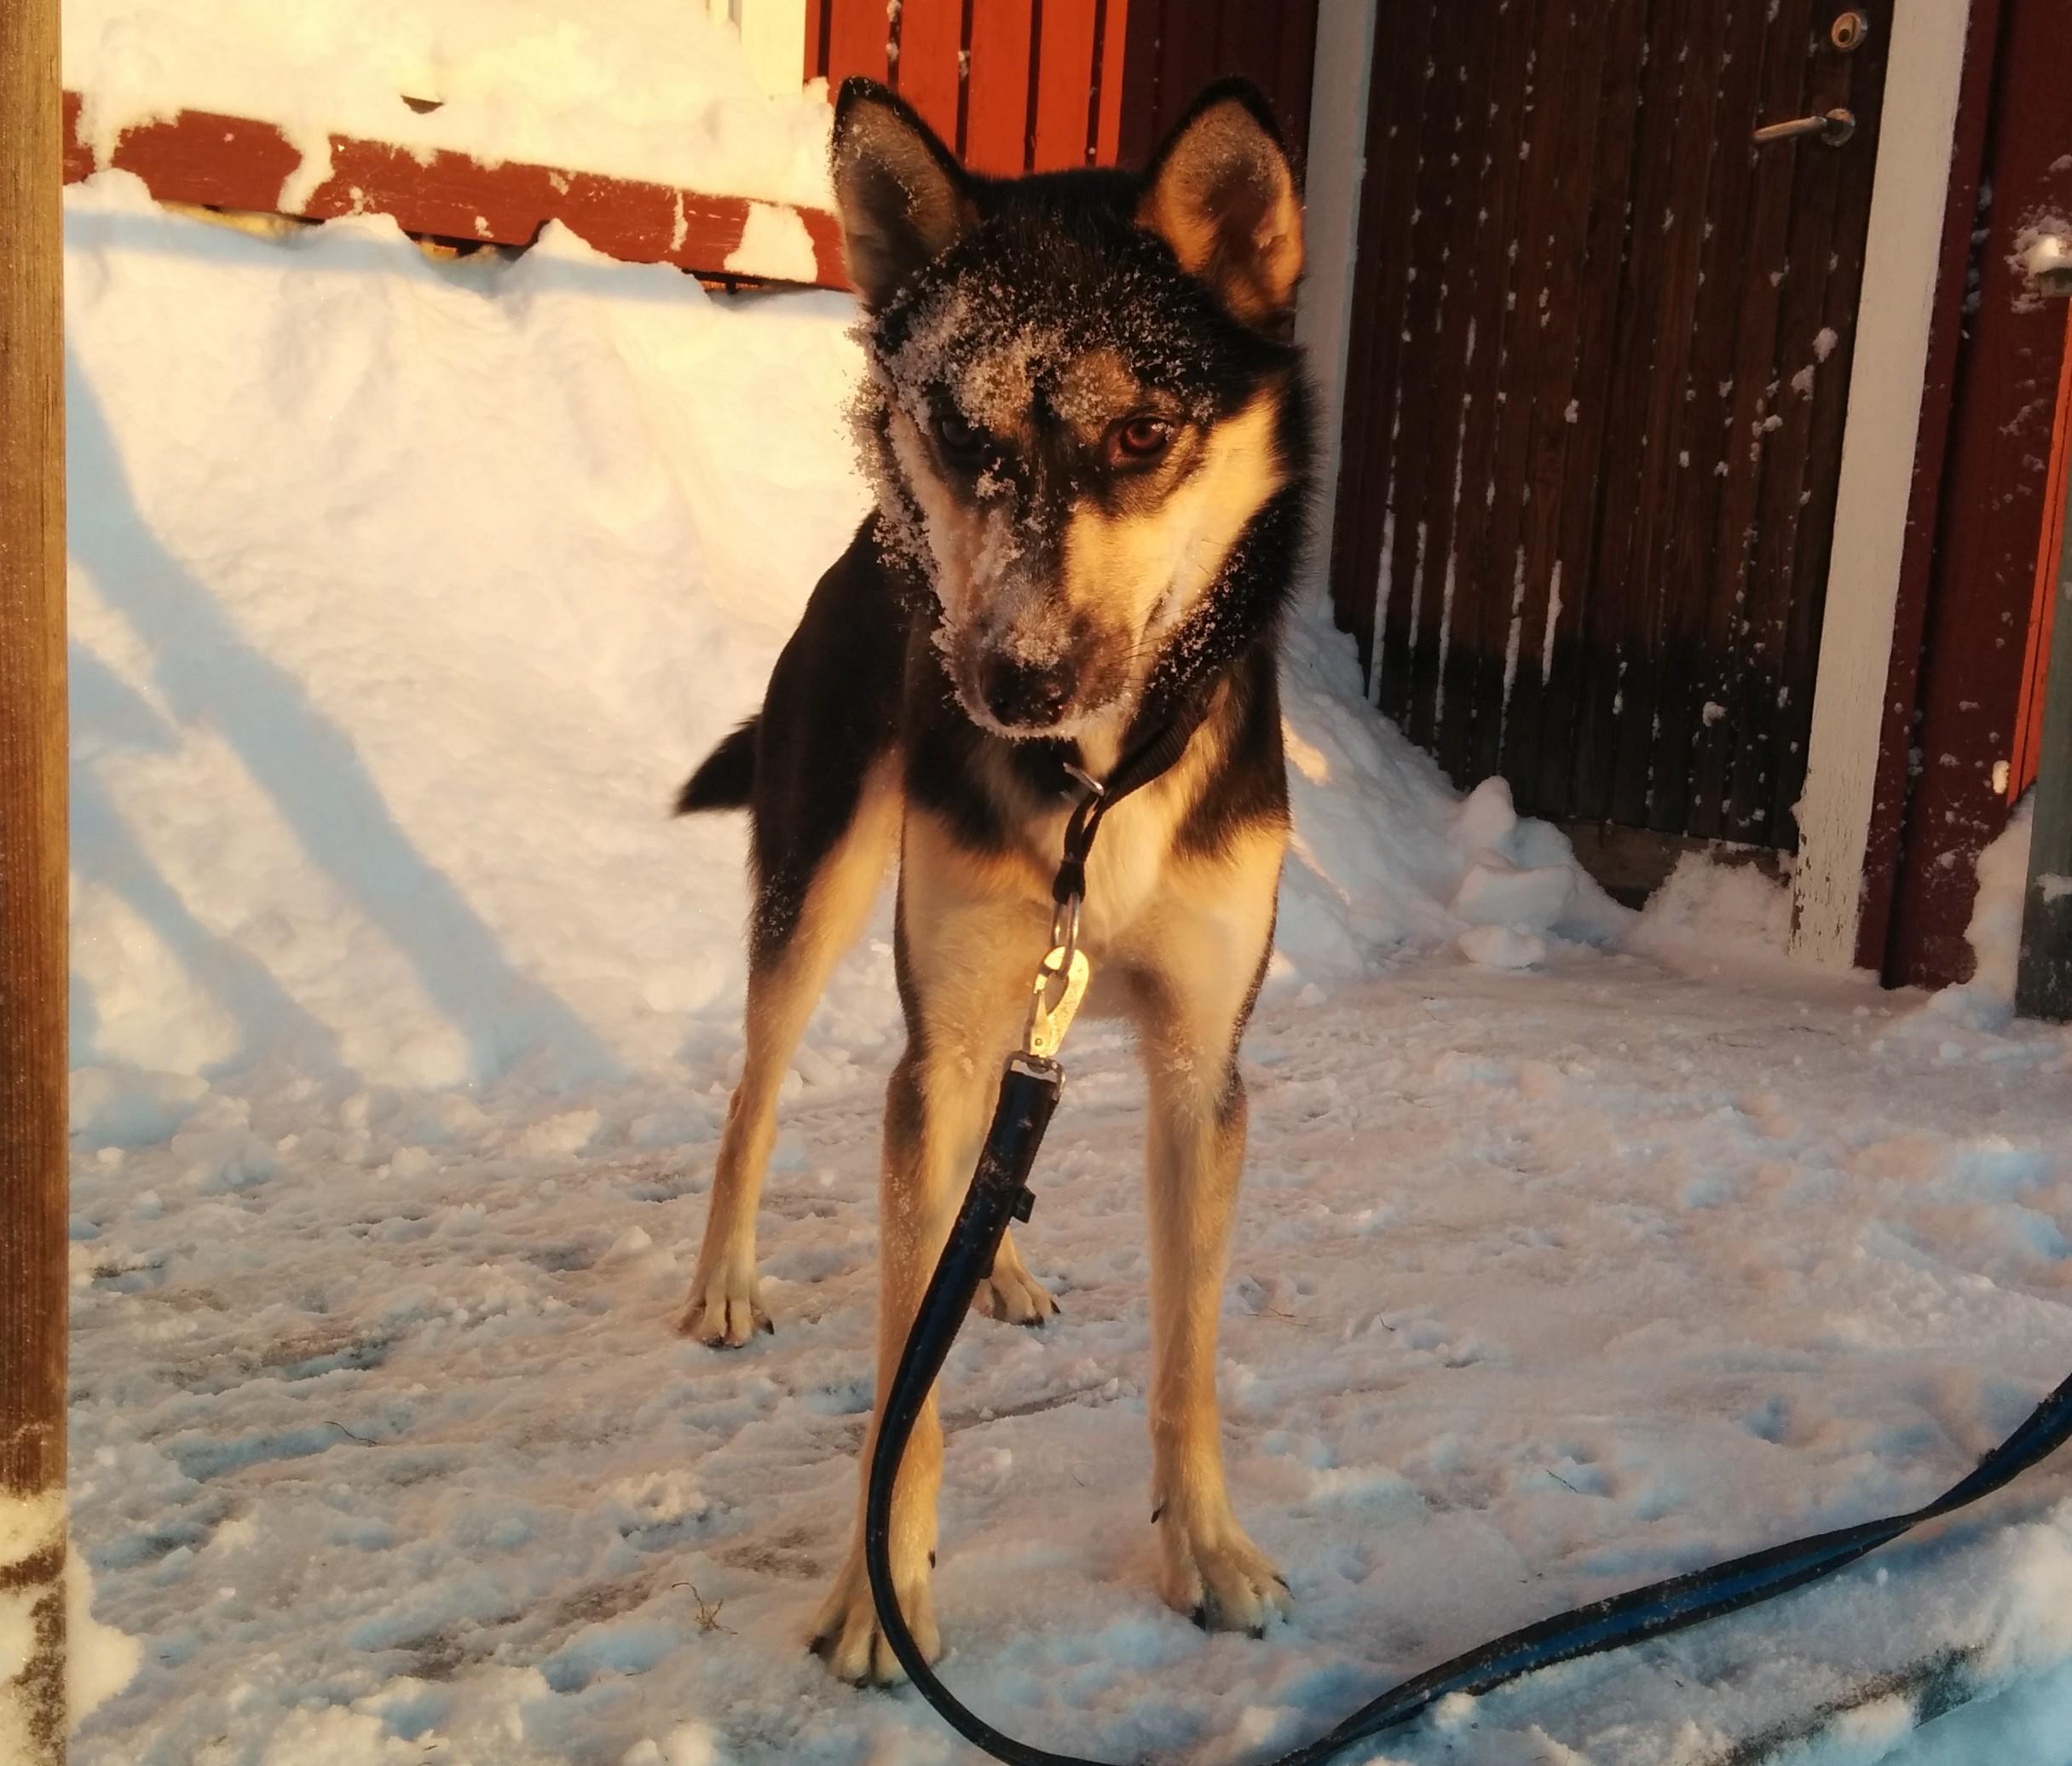 Sisley älskar snön och vill gärna hjälpa till å skotta på sitt sätt!